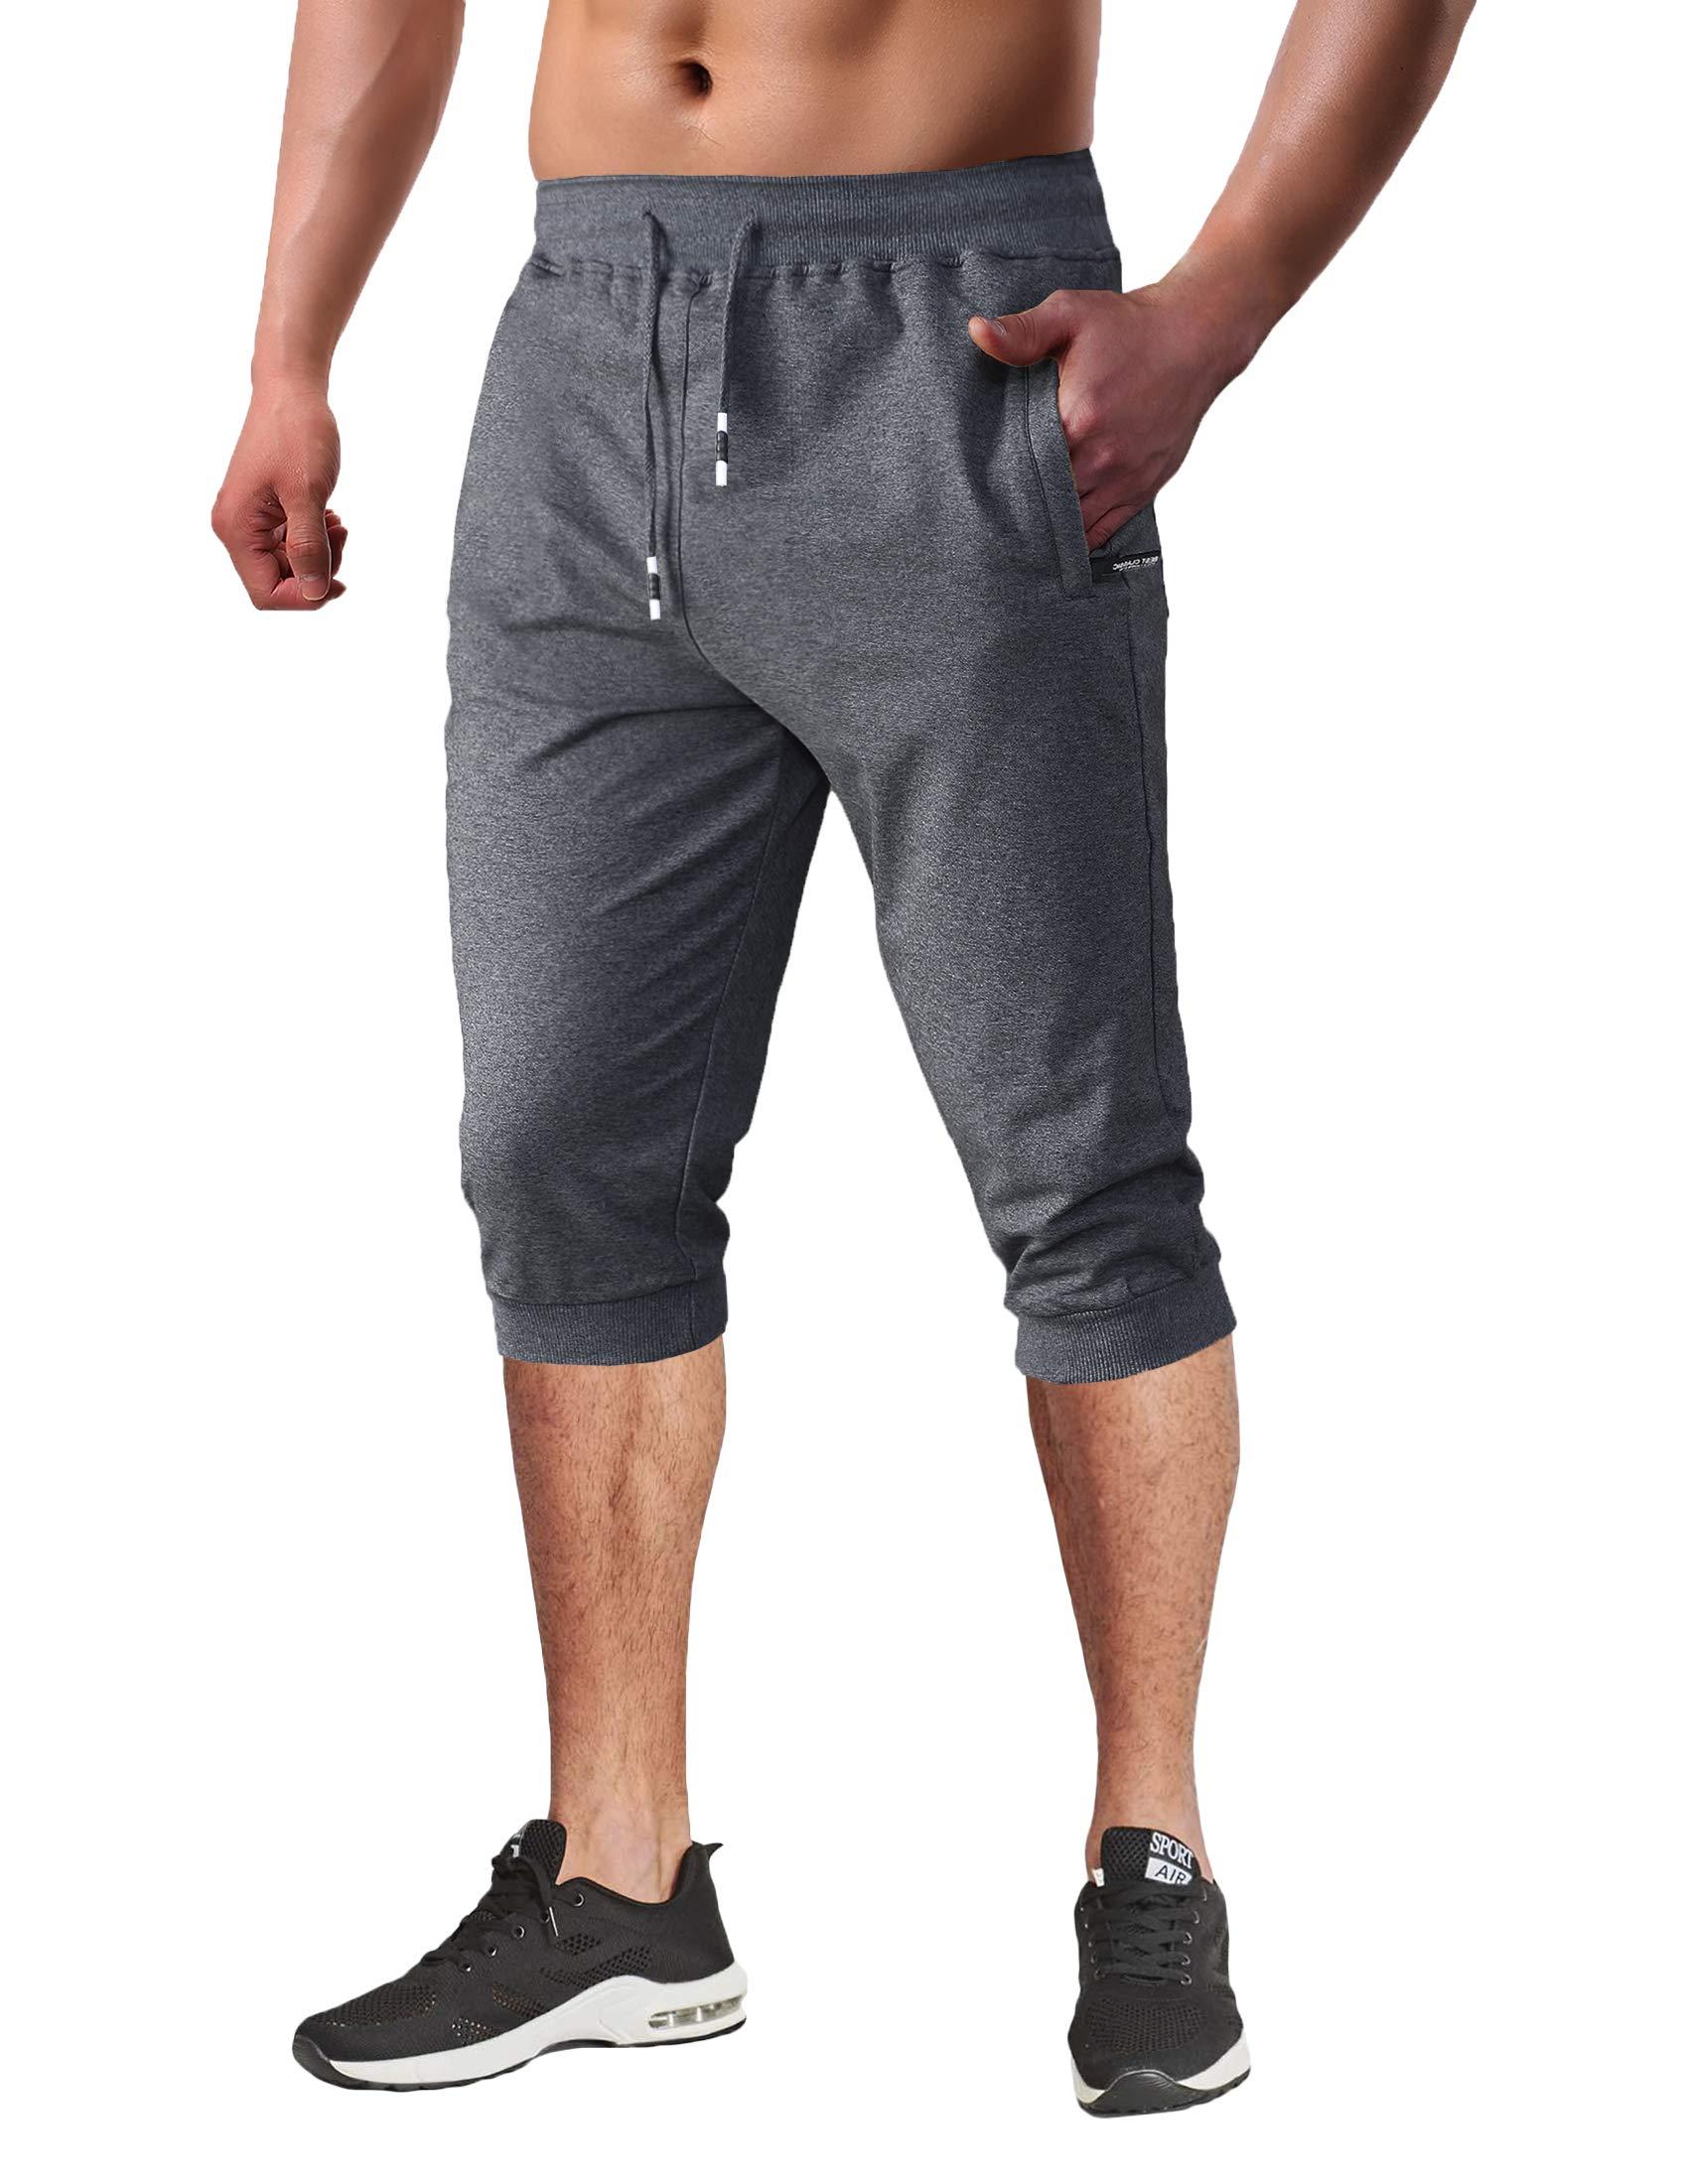 BIYLACLESEN Men's 3/4 Joggers Below Knee Running Gym Capri Pants Zipper Pockets